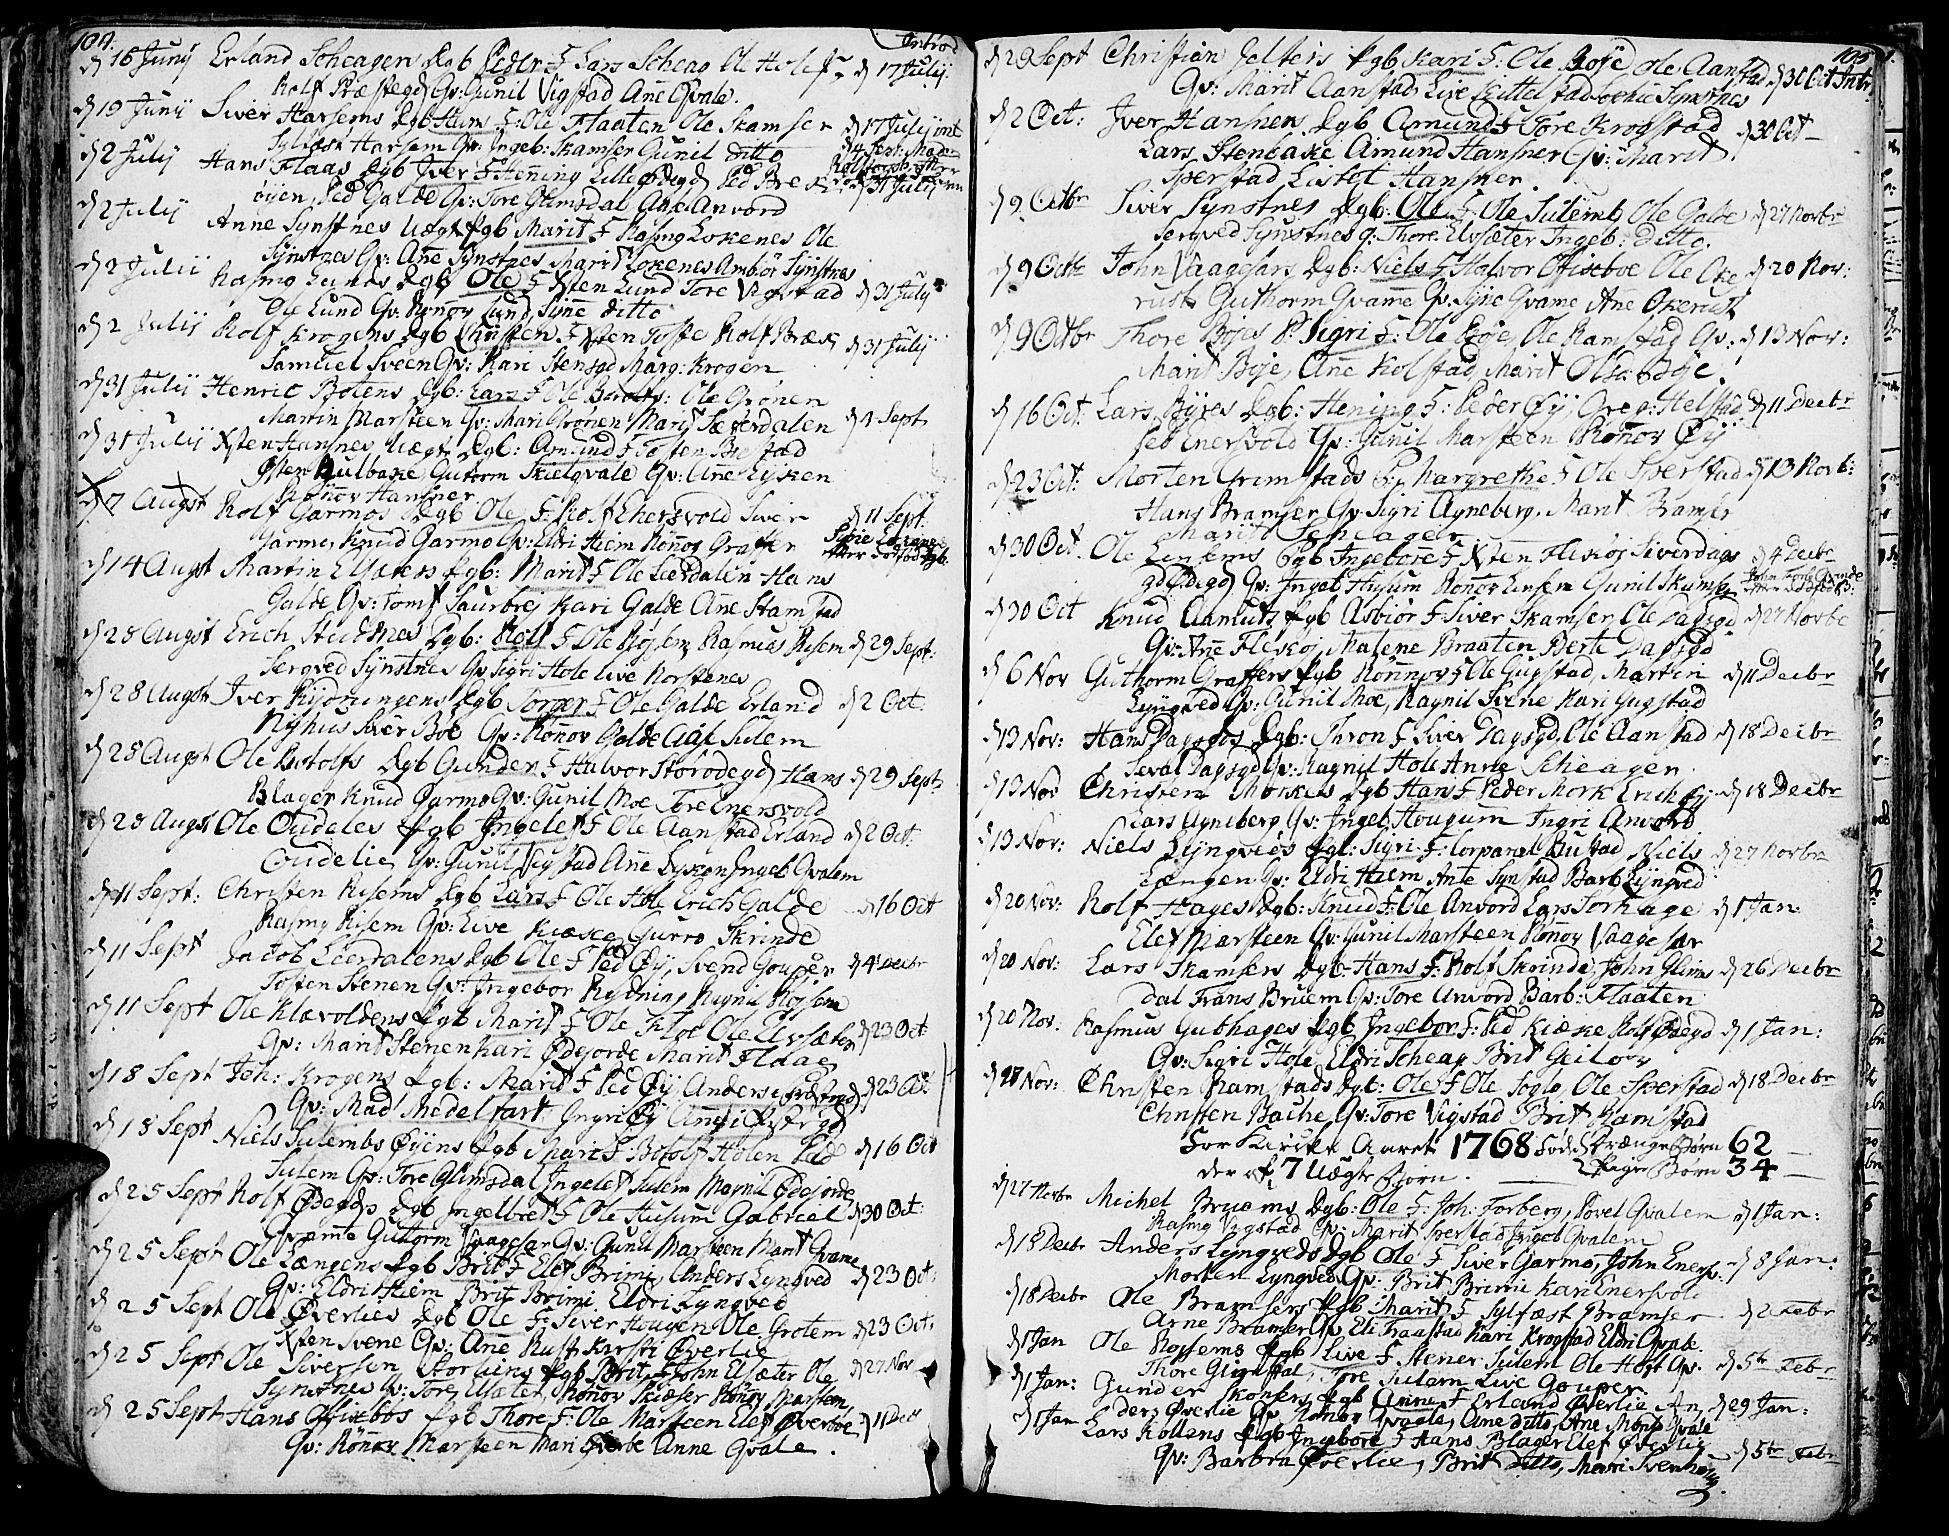 SAH, Lom prestekontor, K/L0002: Ministerialbok nr. 2, 1749-1801, s. 104-105